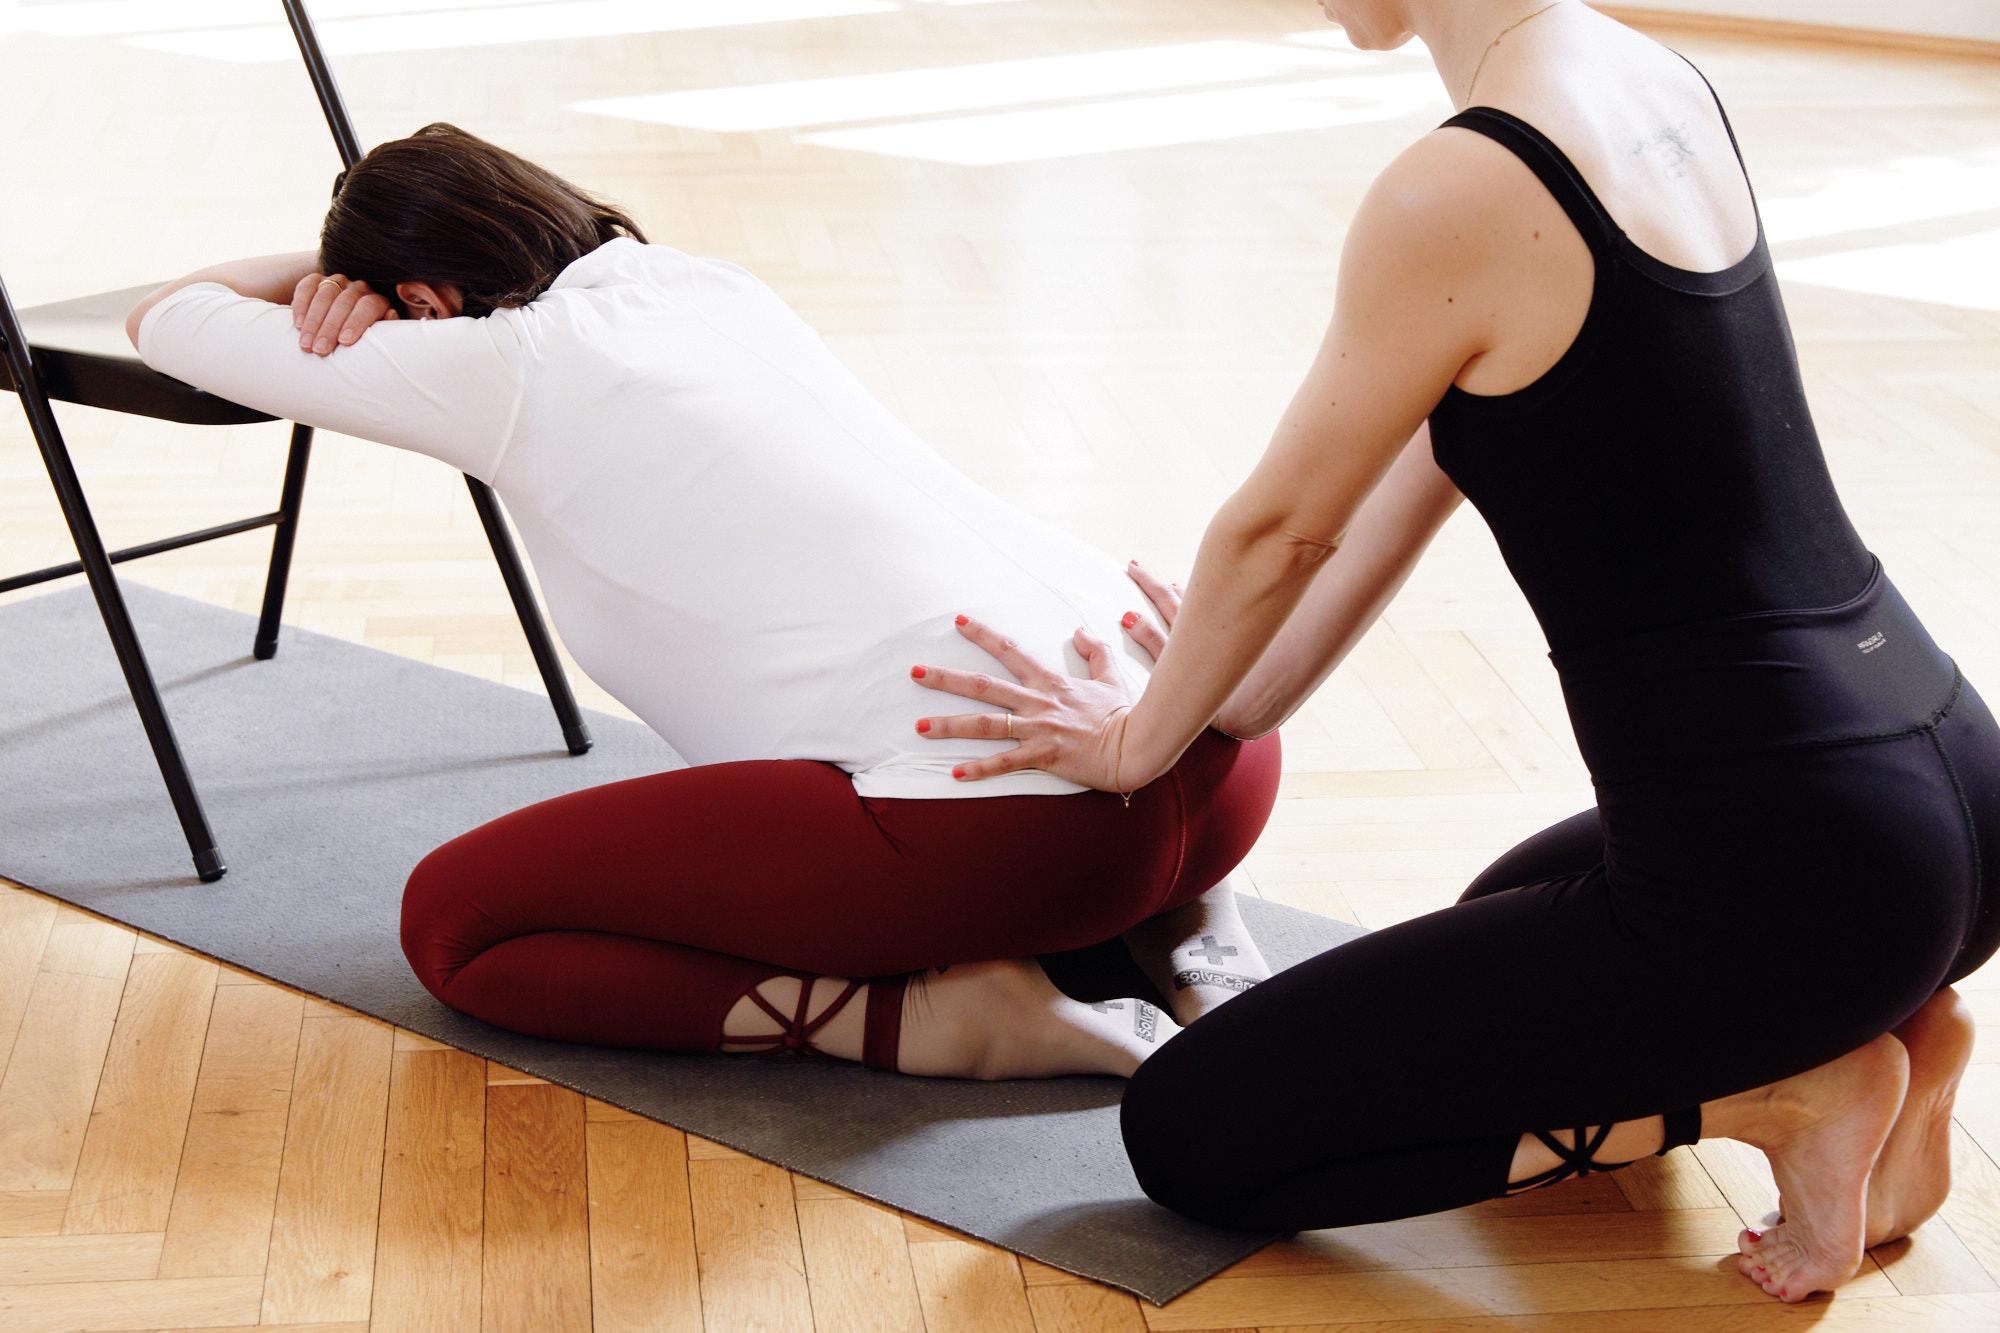 01_Elisa_Perdozo_Yoga_0447.jpg